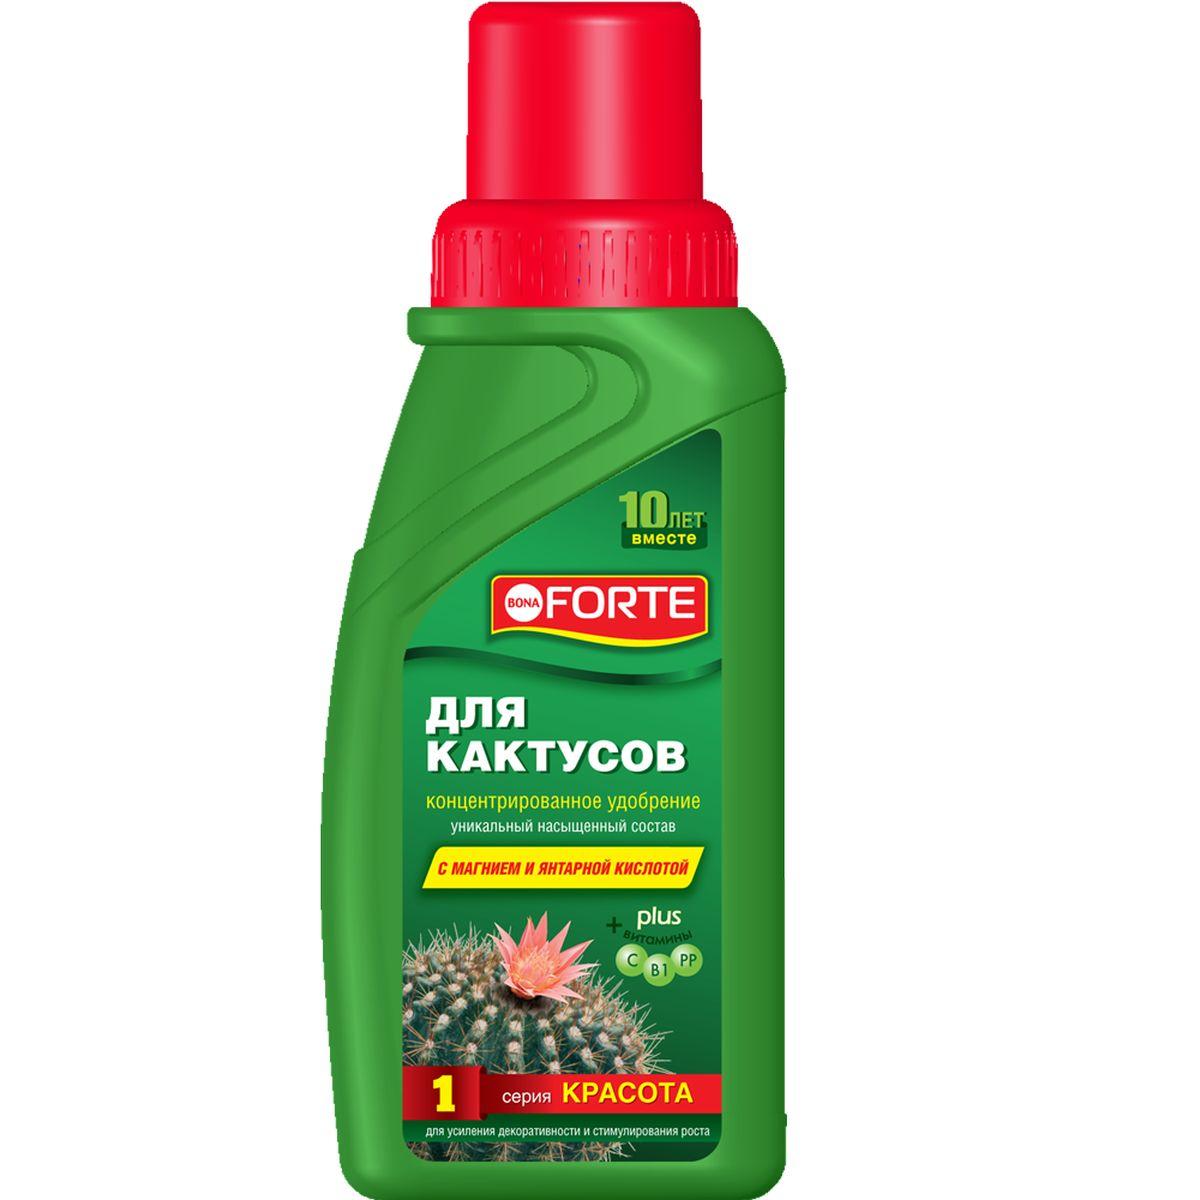 Жидкое комплексное удобрение Bona Forte, 285 мл (серия КРАСОТА)BF-21-01-020-1Стимулирует цветение кактусов и суккулентов, обеспечивает здоровый рост и восстанавливает иммунитет растений.